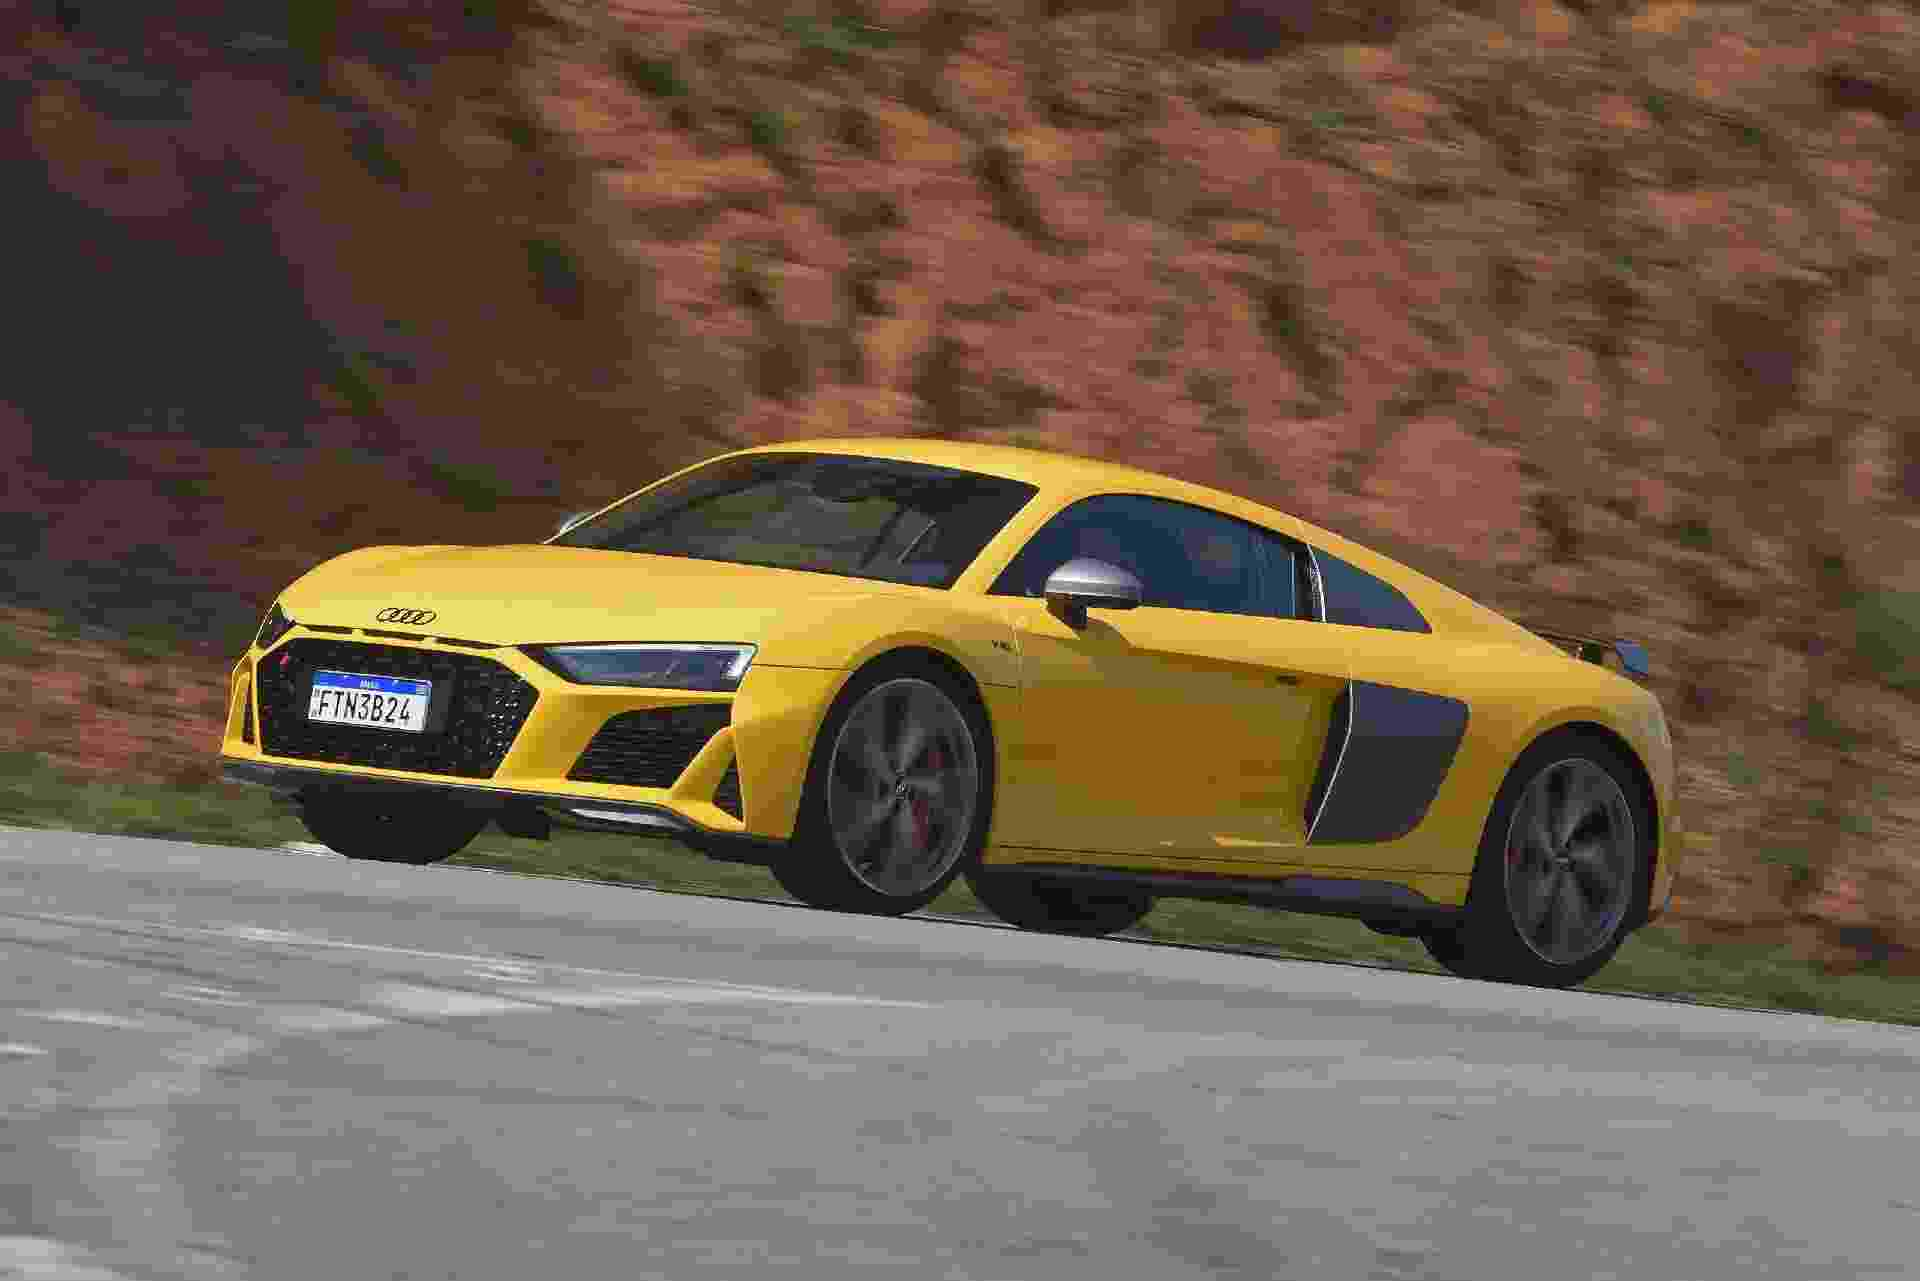 Audi R8 V10 - Murilo Góes/UOL